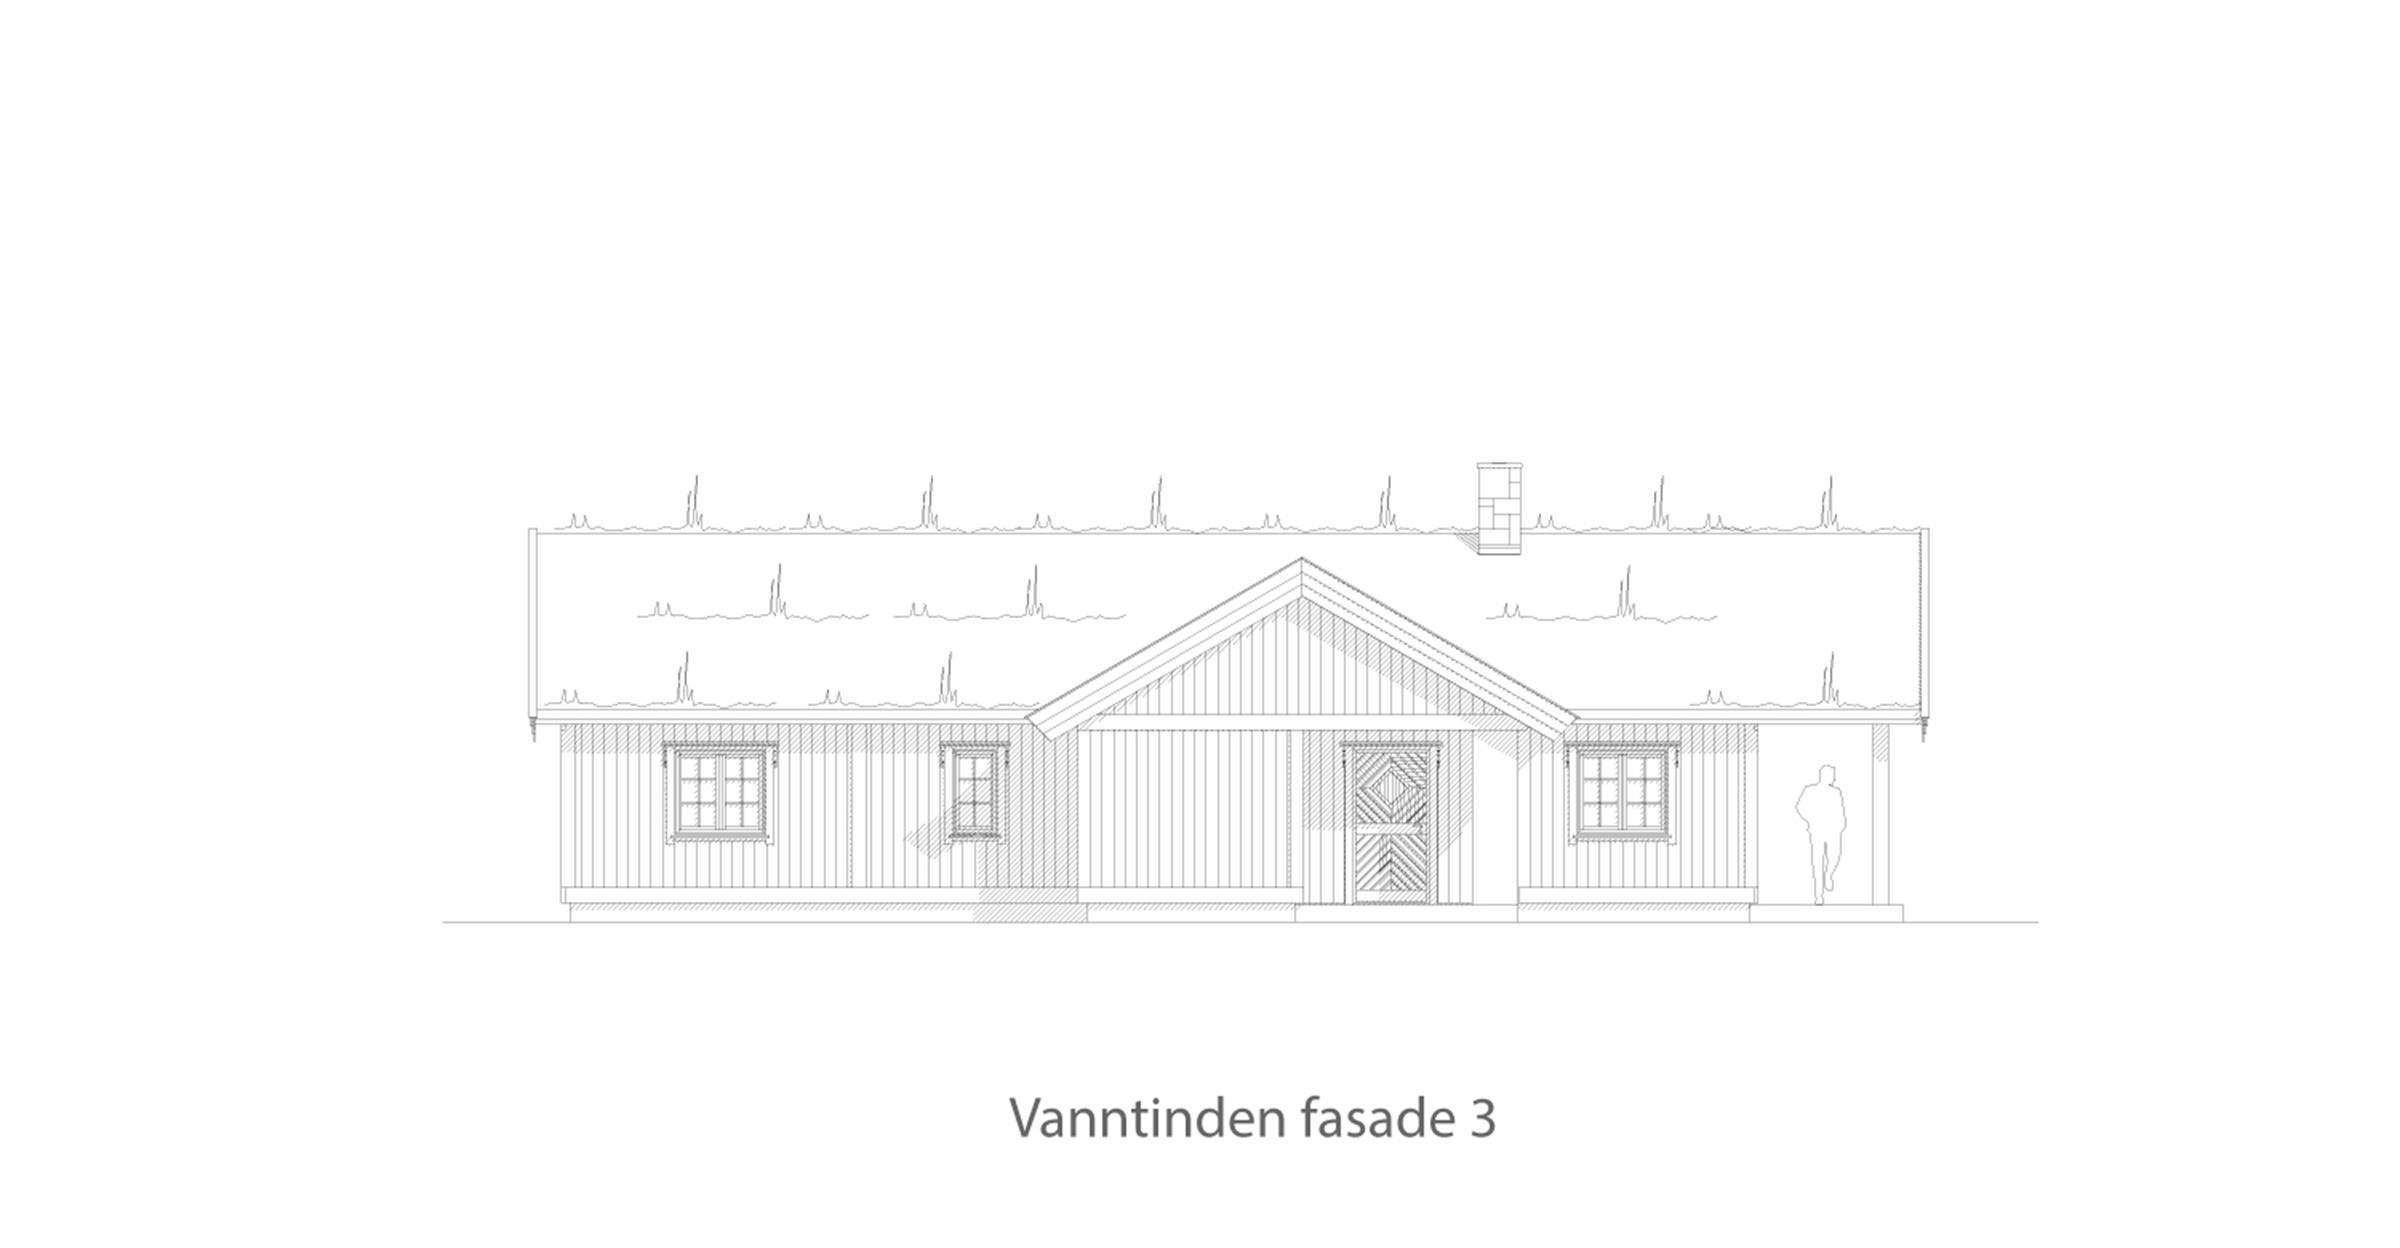 Vanntinden fasade 3